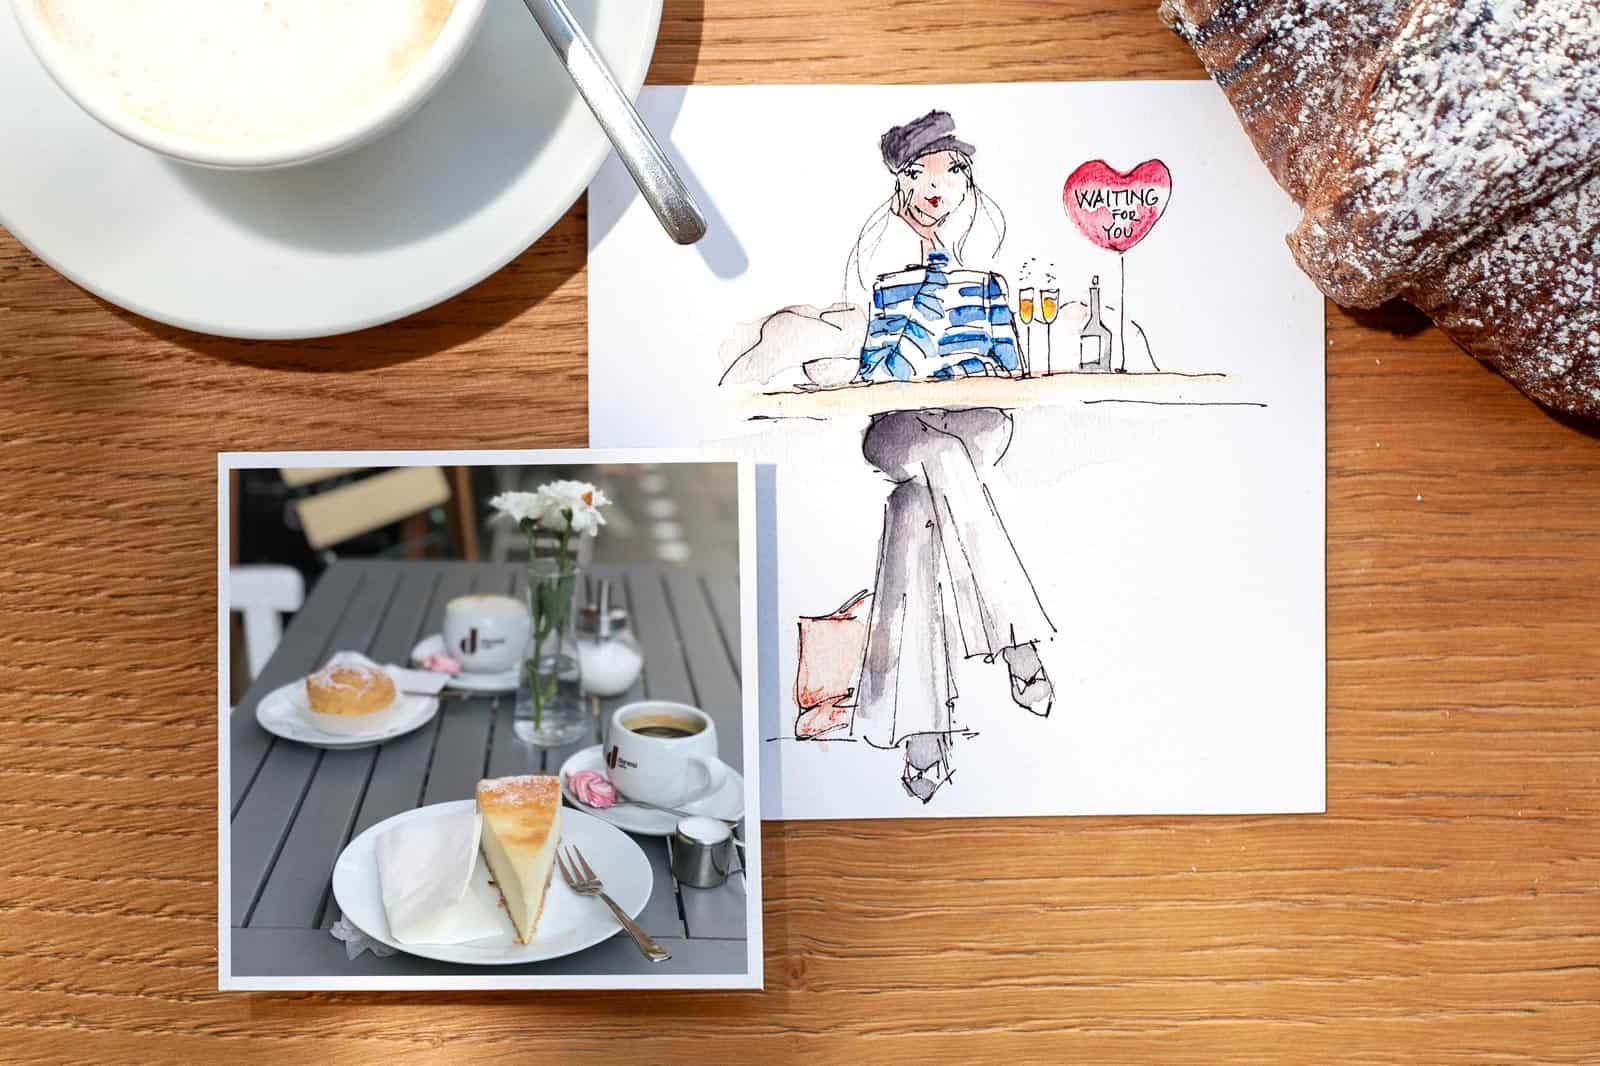 französische Cafés in München - Tanpopo - Nadja König